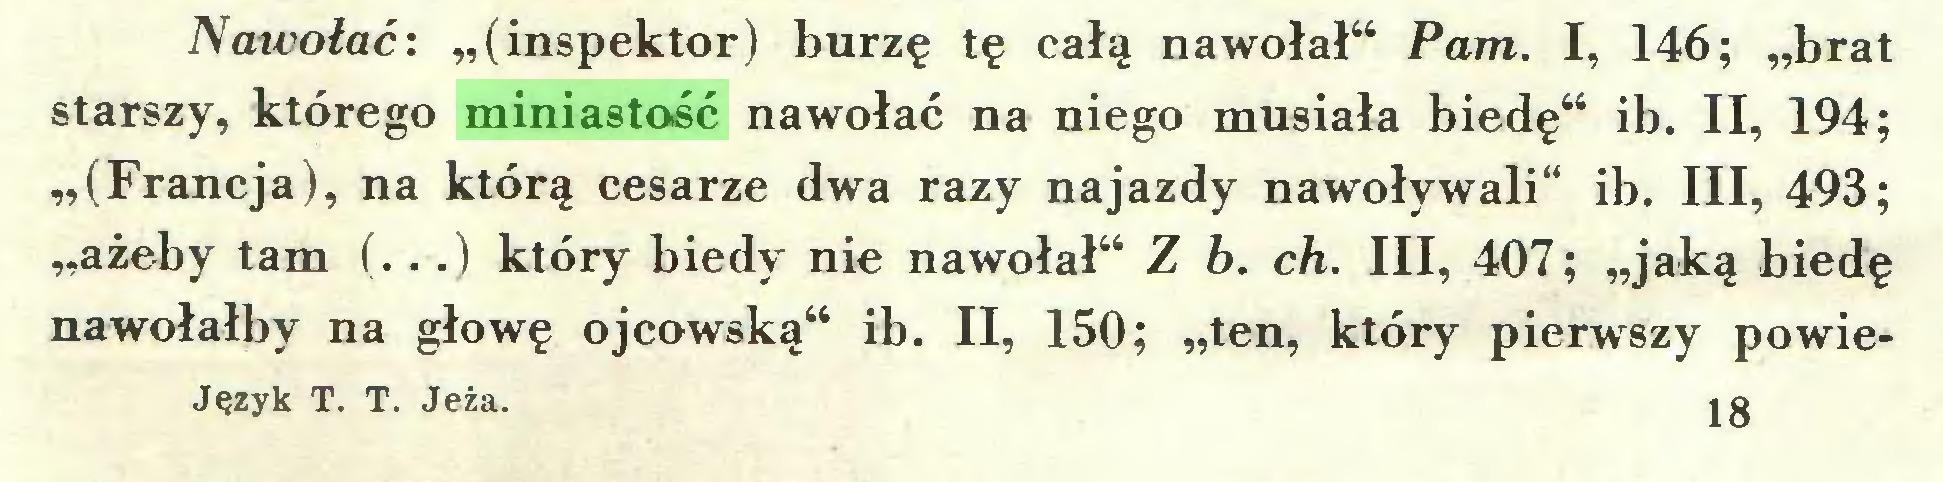 """(...) Nawolać: """"(inspektor) burzę tę całą nawołał"""" Pam. I, 146; """"brat starszy, którego miniastość nawołać na niego musiała biedę"""" ib. II, 194; """"(Francja), na którą cesarze dwa razy najazdy nawoływali"""" ib. III, 493; """"ażeby tam (...) który biedy nie nawołał"""" Z b. ch. III, 407; """"jaką biedę nawołałby na głowę ojcowską"""" ib. II, 150; """"ten, który pierwszy powieJęzyk T. T. Jeża. 18..."""